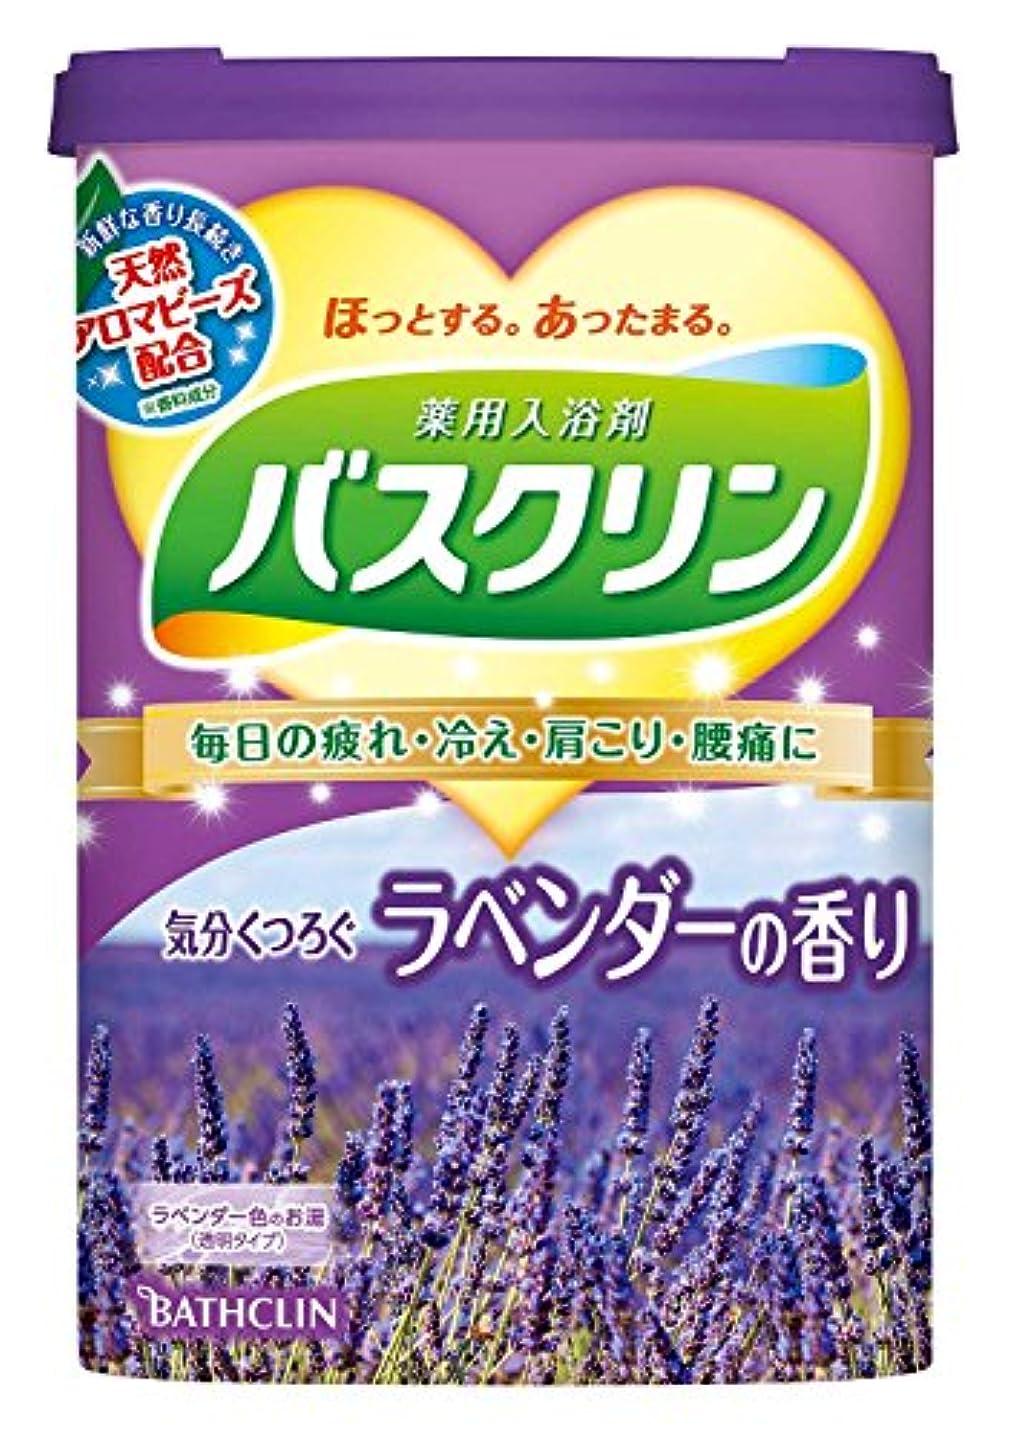 中きつくレタッチ【医薬部外品】バスクリン ラベンダーの香り 600g 入浴剤